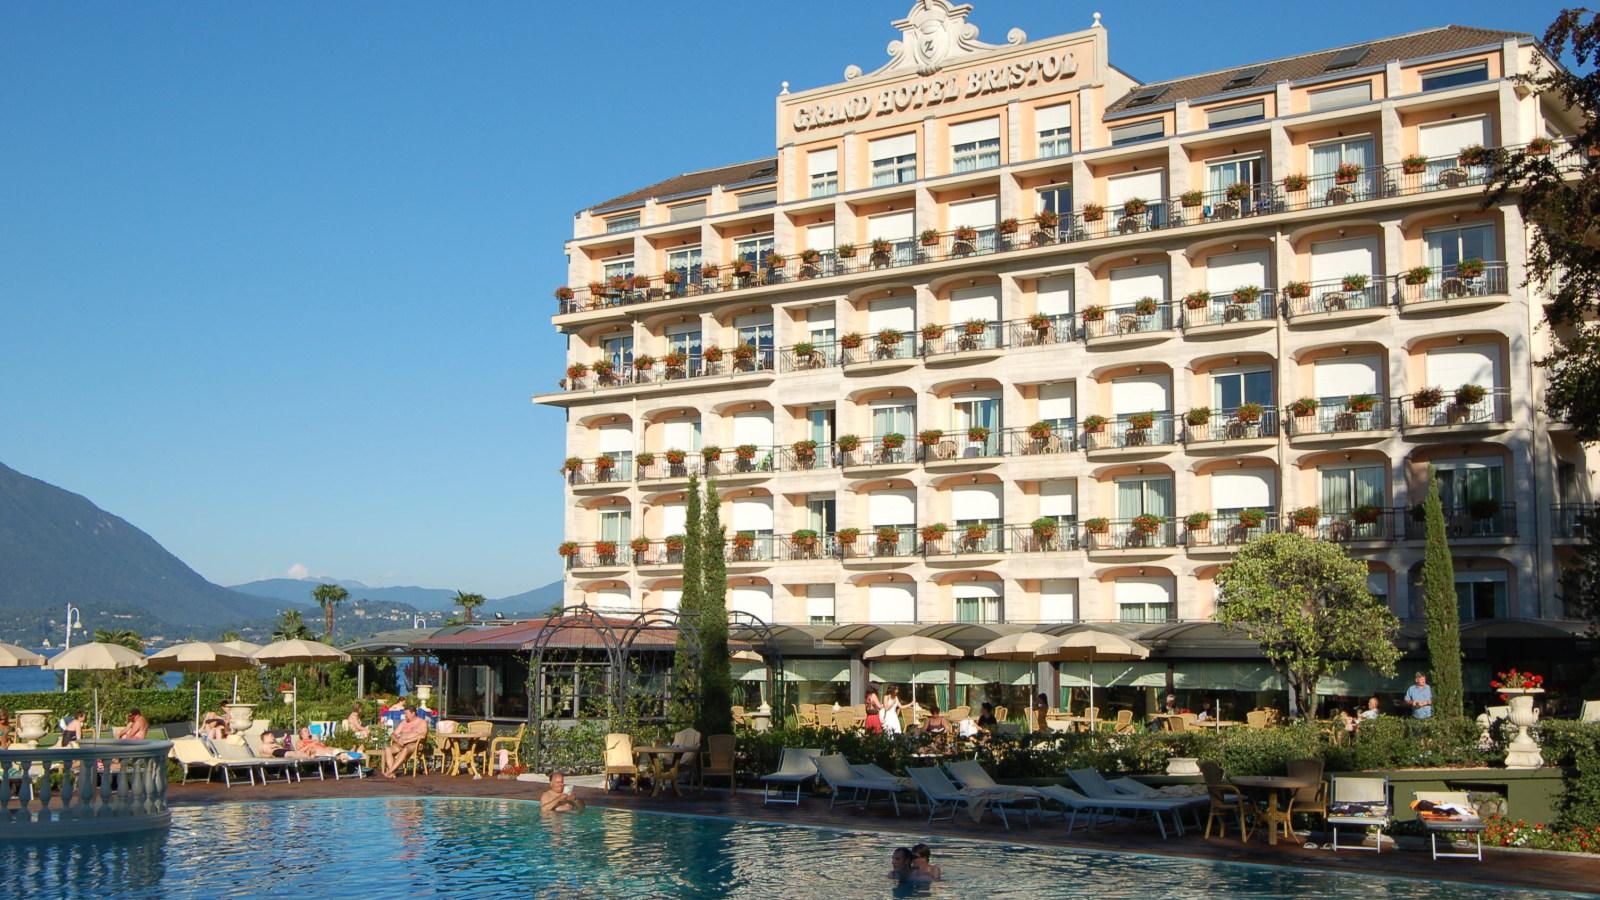 Grand hotel bristol stresa lake maggiore italy - Grand Hotel Stresa Topflight